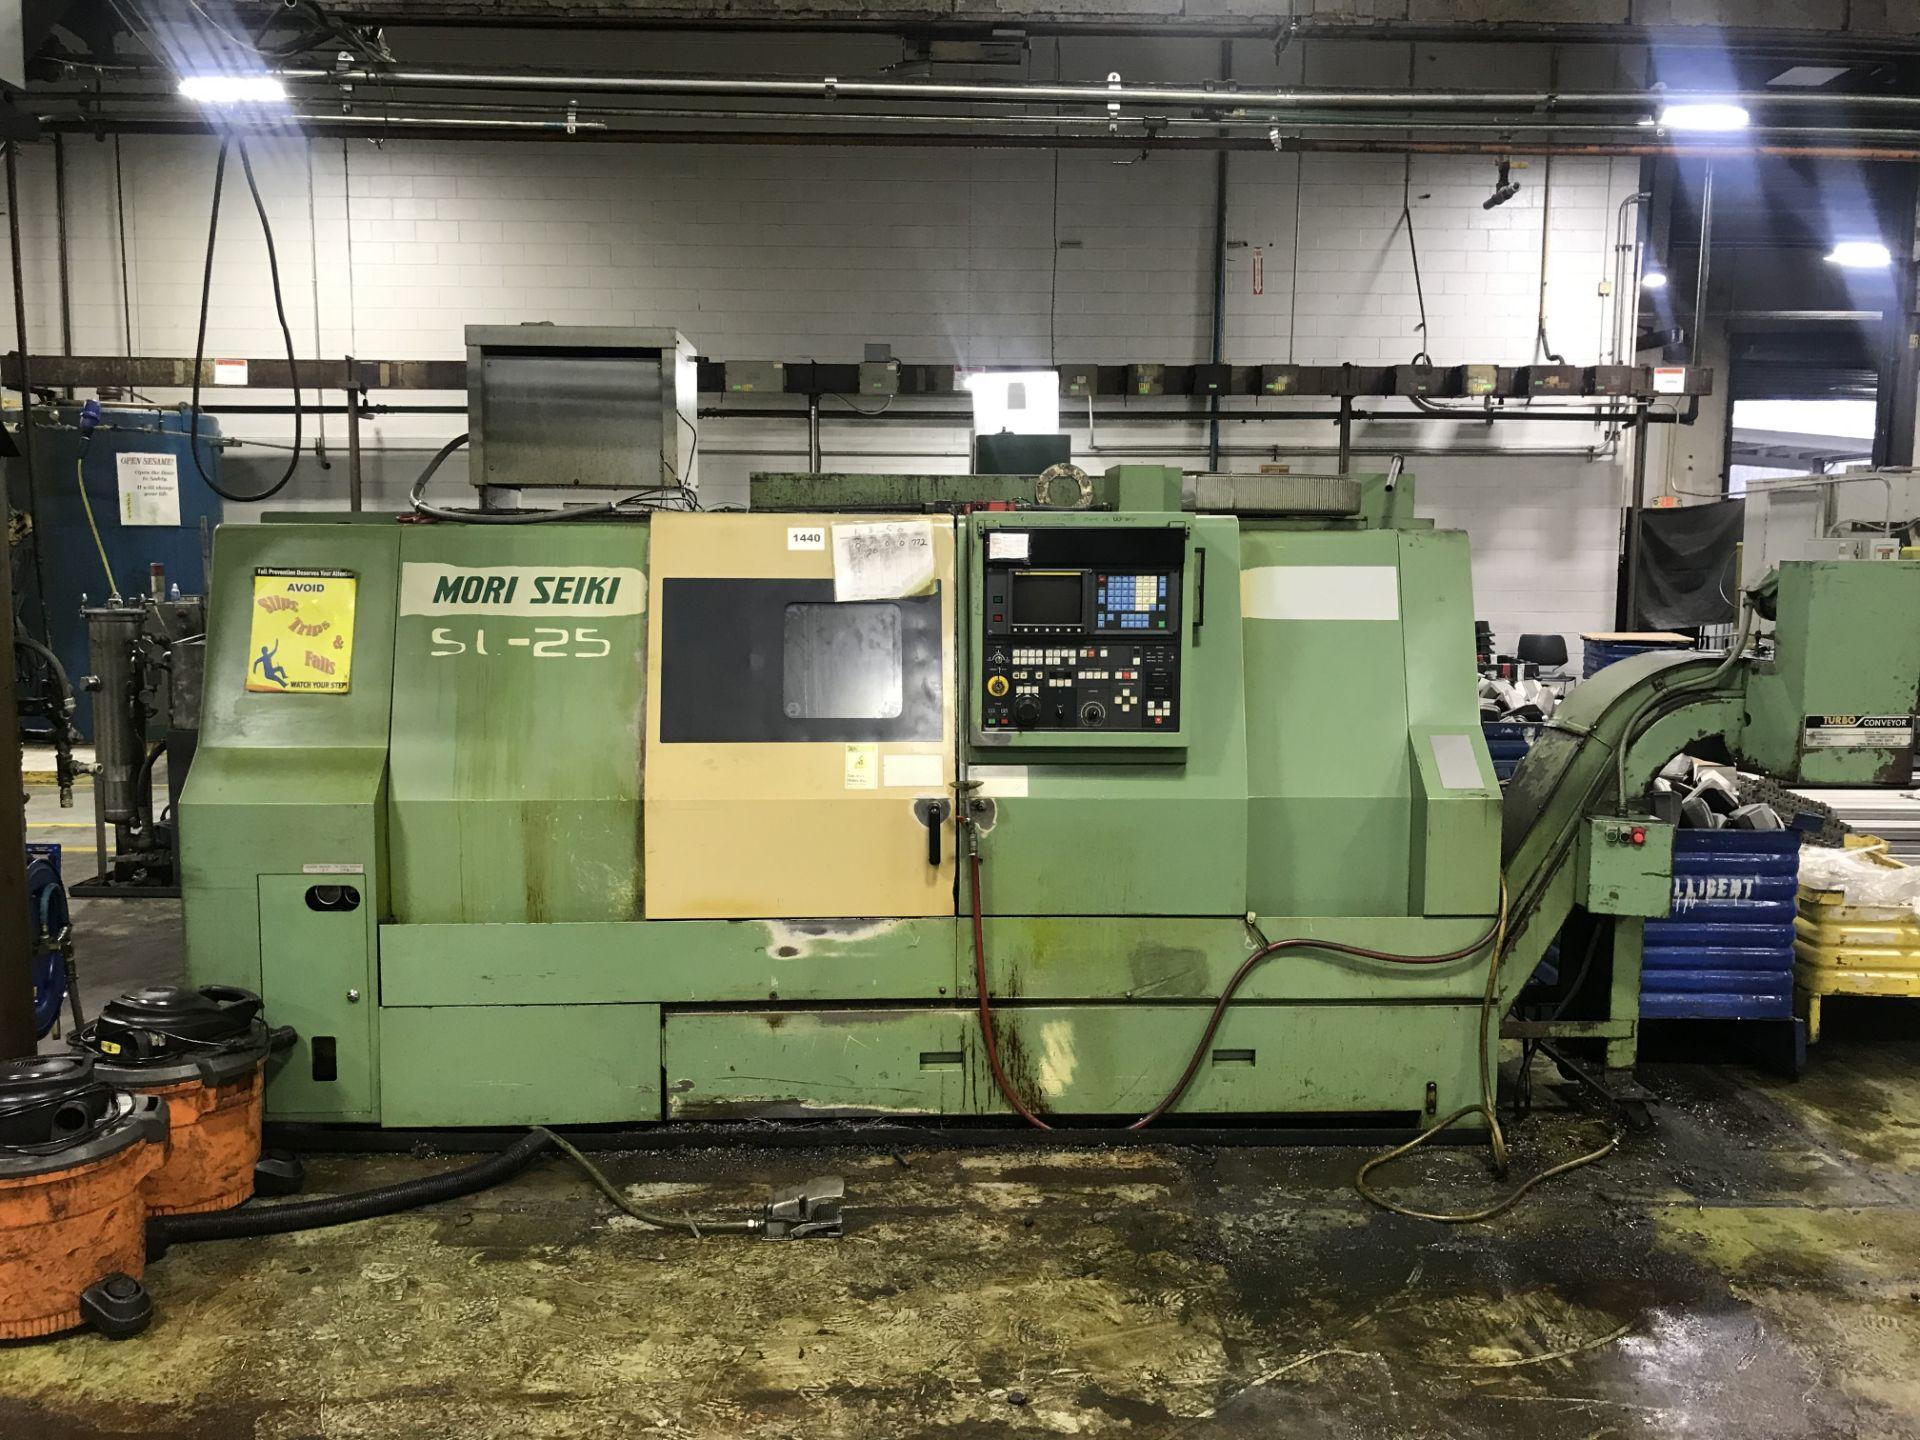 Mori Seiki SL-25B10 CNC Lathe